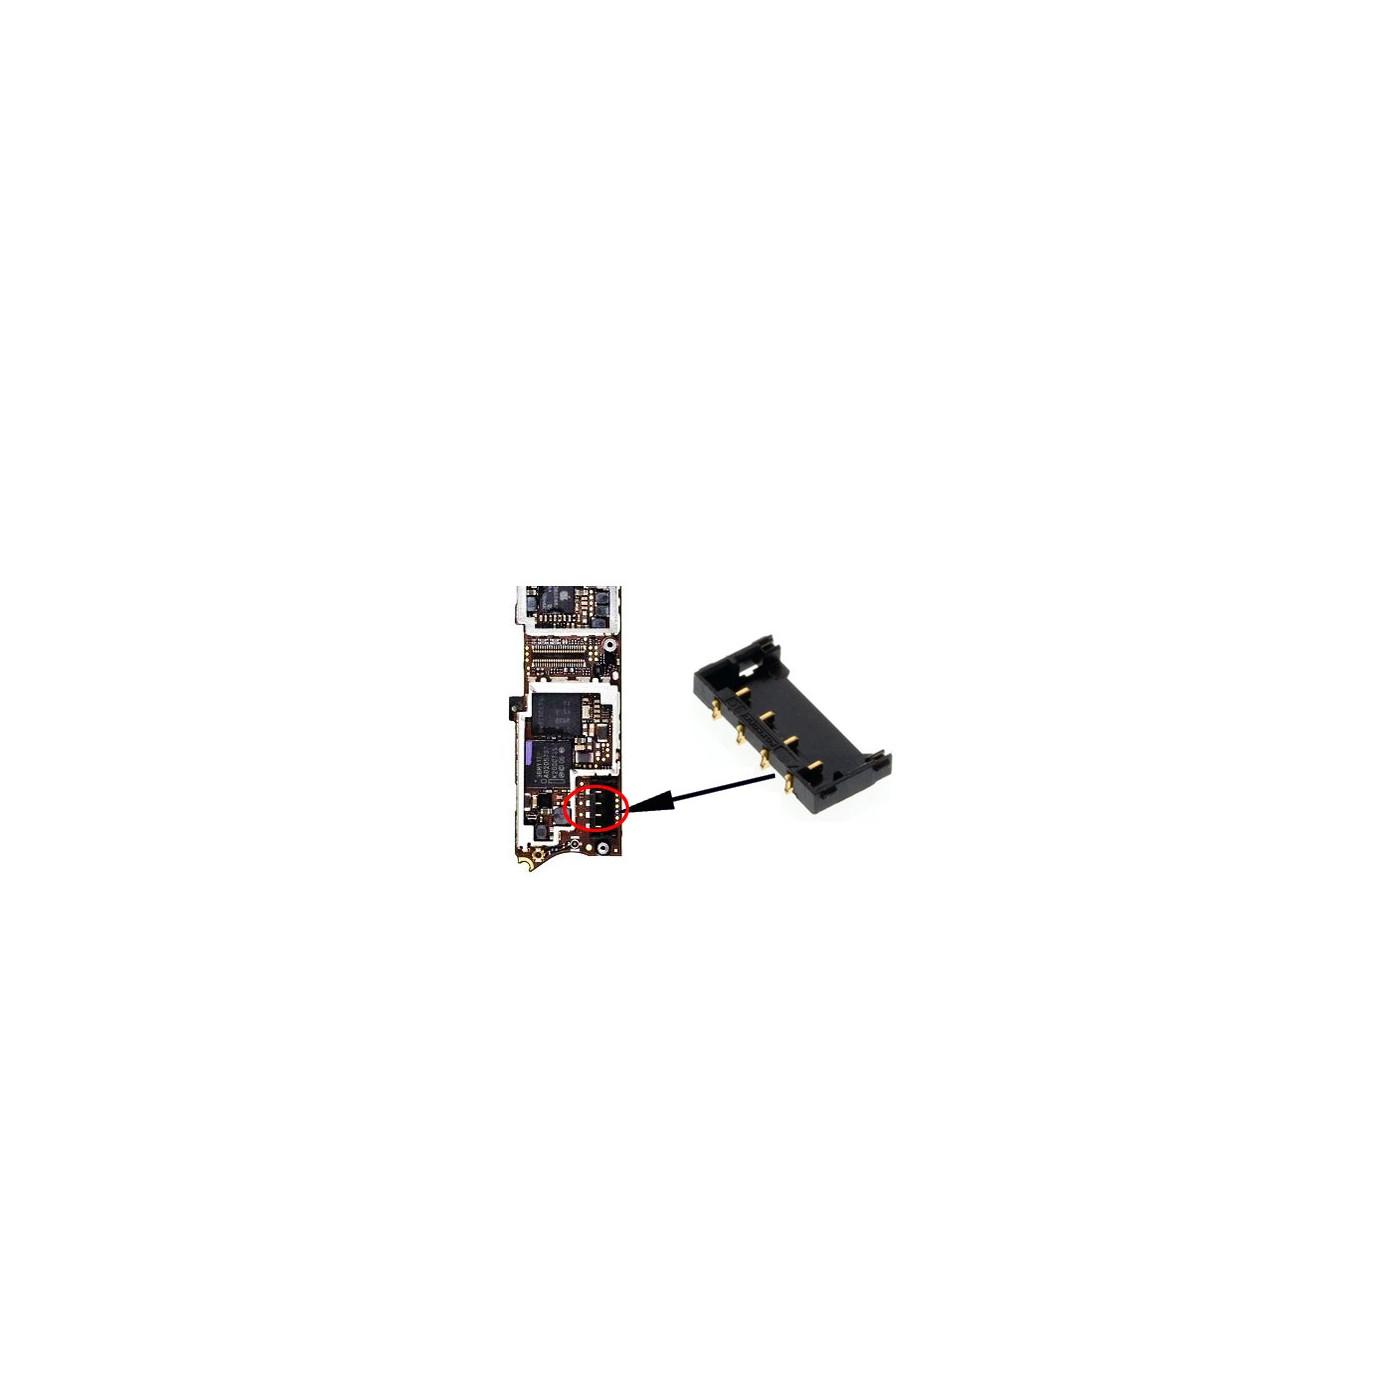 Connecteur de batterie Iphone 4 Contacts de connecteur de batterie soudés